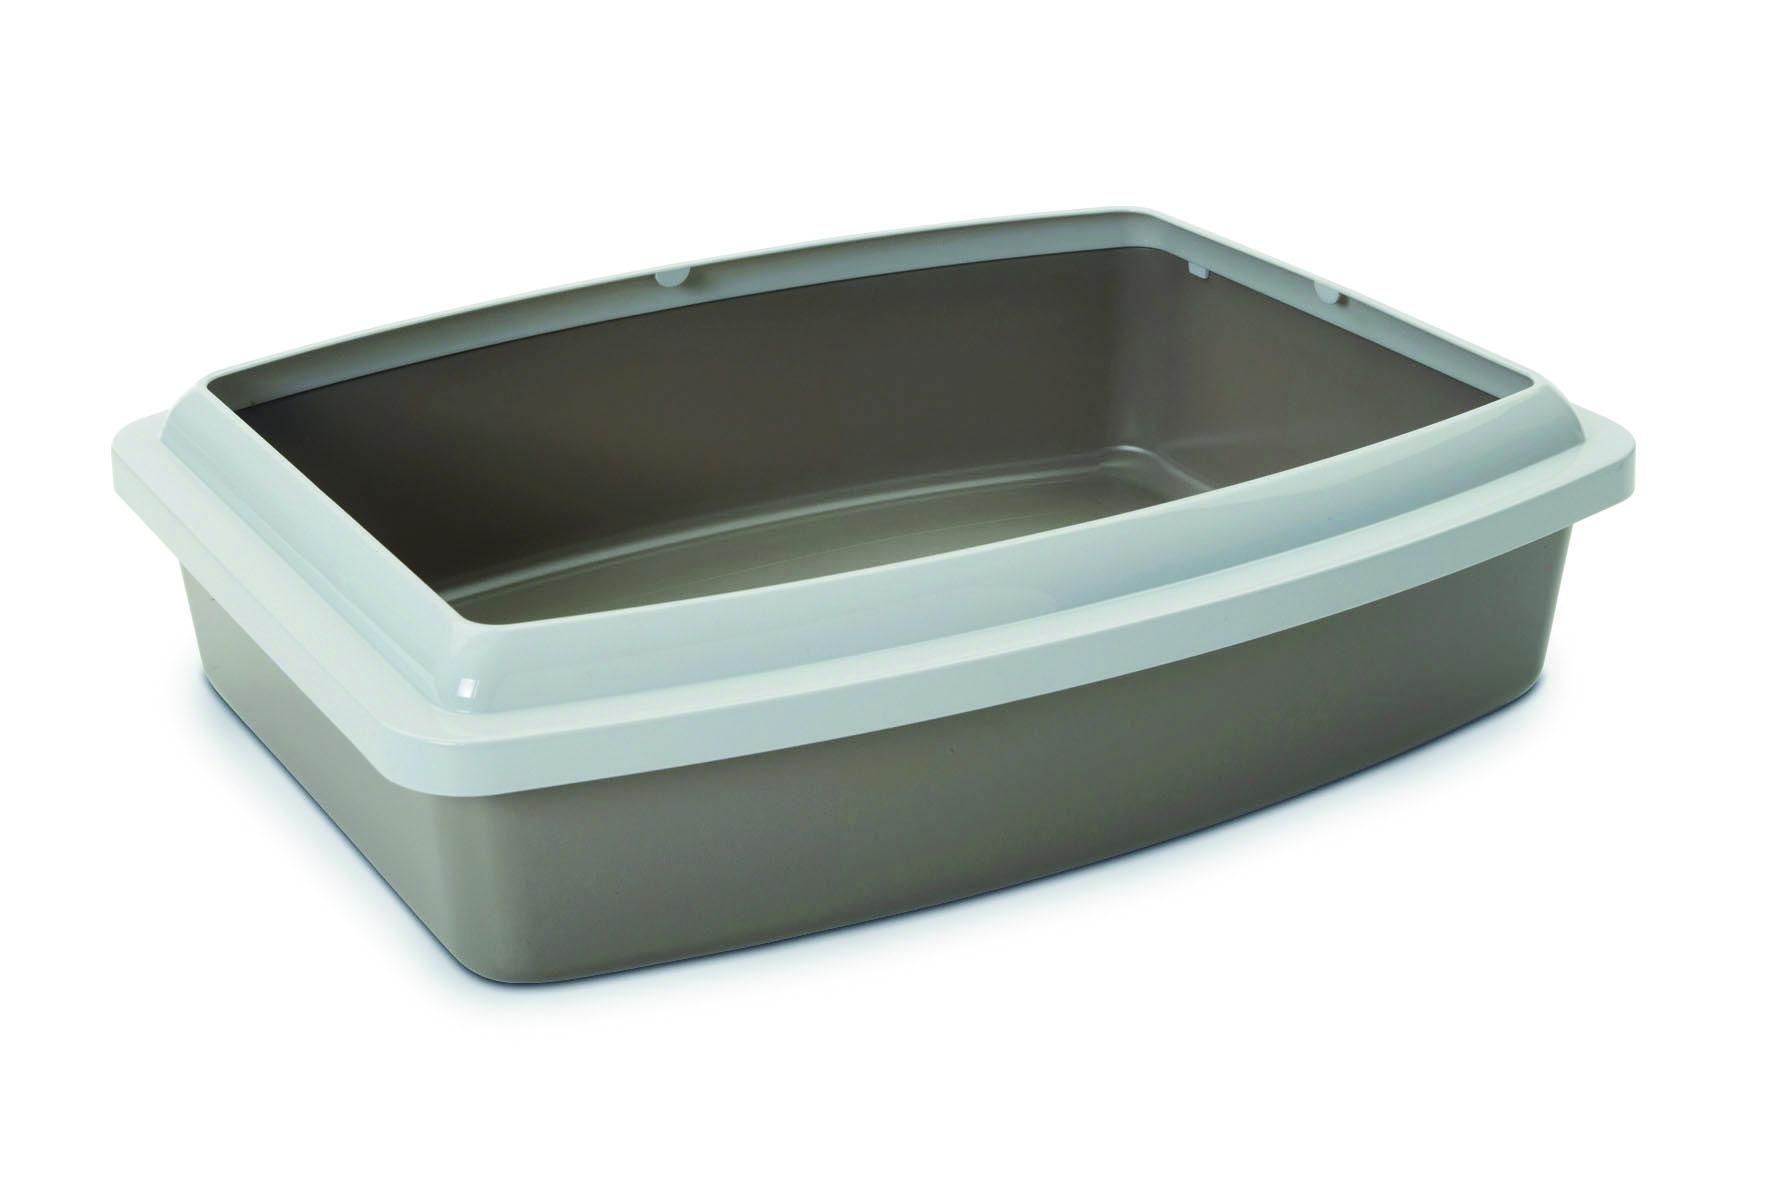 """Туалет для кошек Savic """"Oval Trey Medium"""", с бортом, цвет: серый, 42 см х 33 см"""